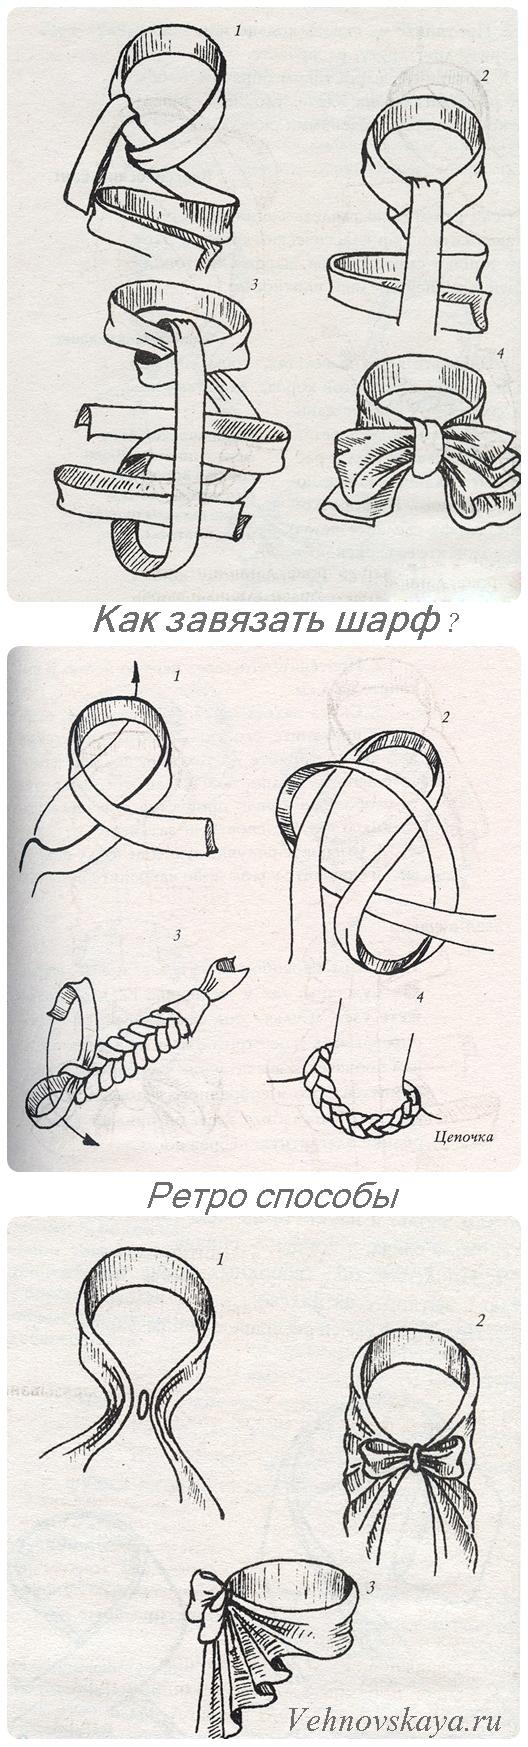 это картинки как завязать бантик на ботинки узнаете, почему пленка